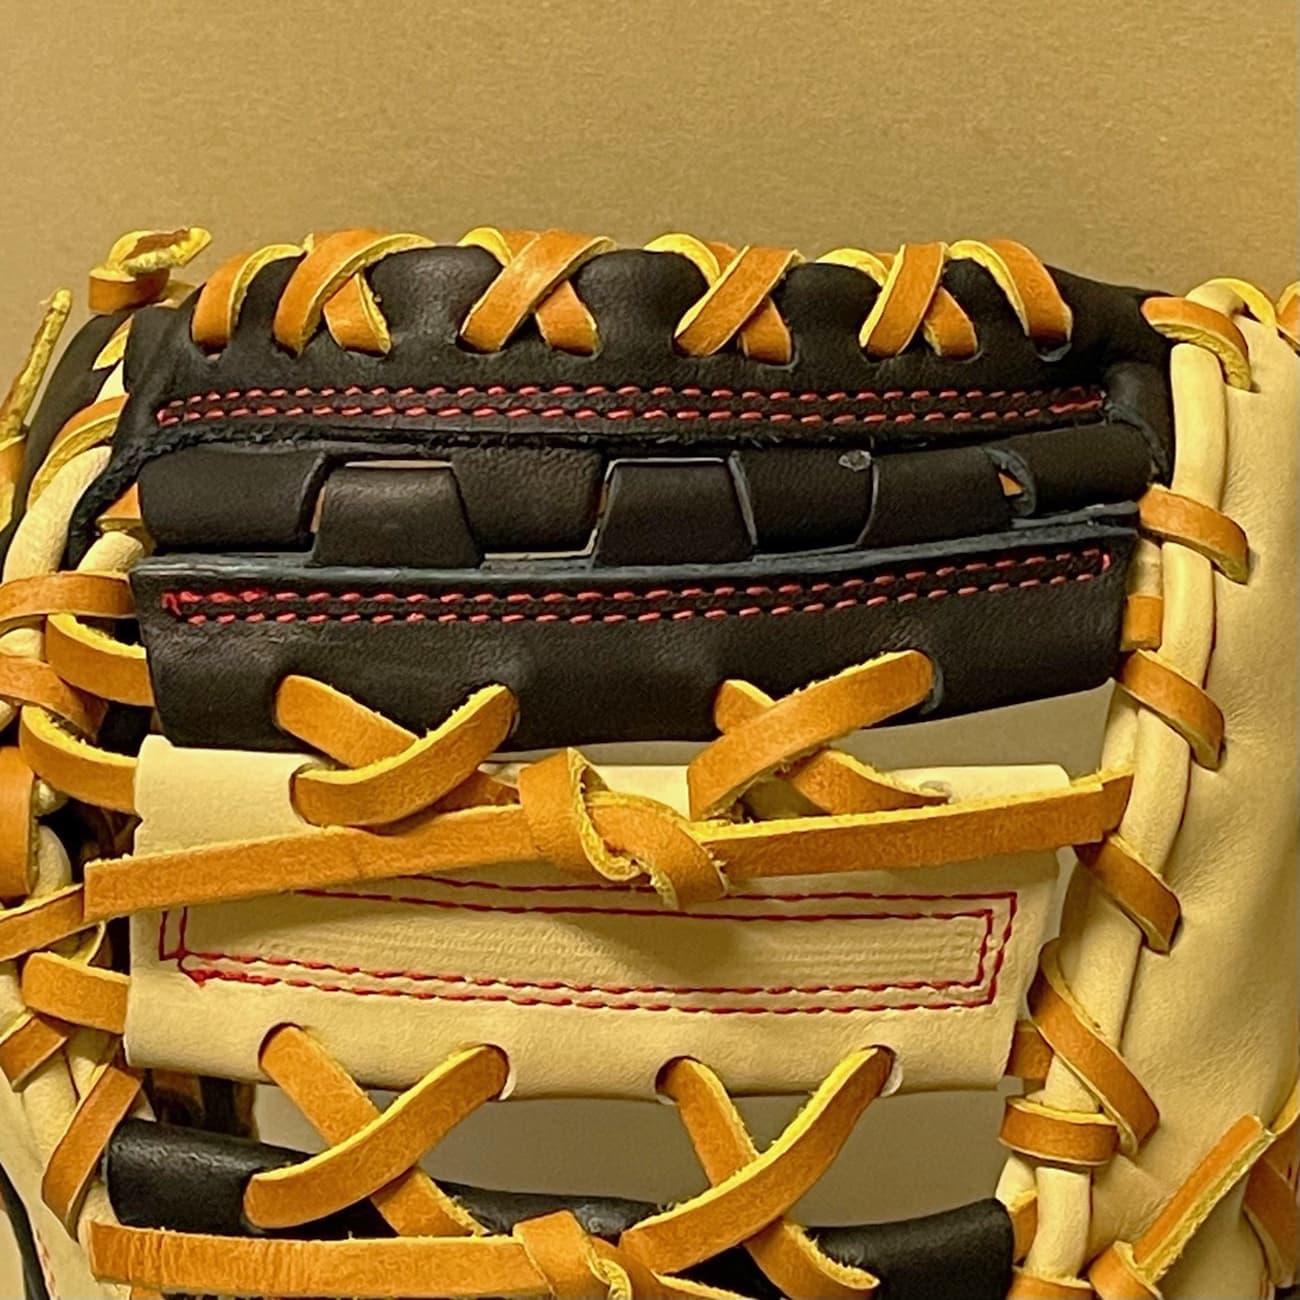 【久保田スラッガー】軟式野球用ファーストミット:KSF333(右投げ)ウェッブ先